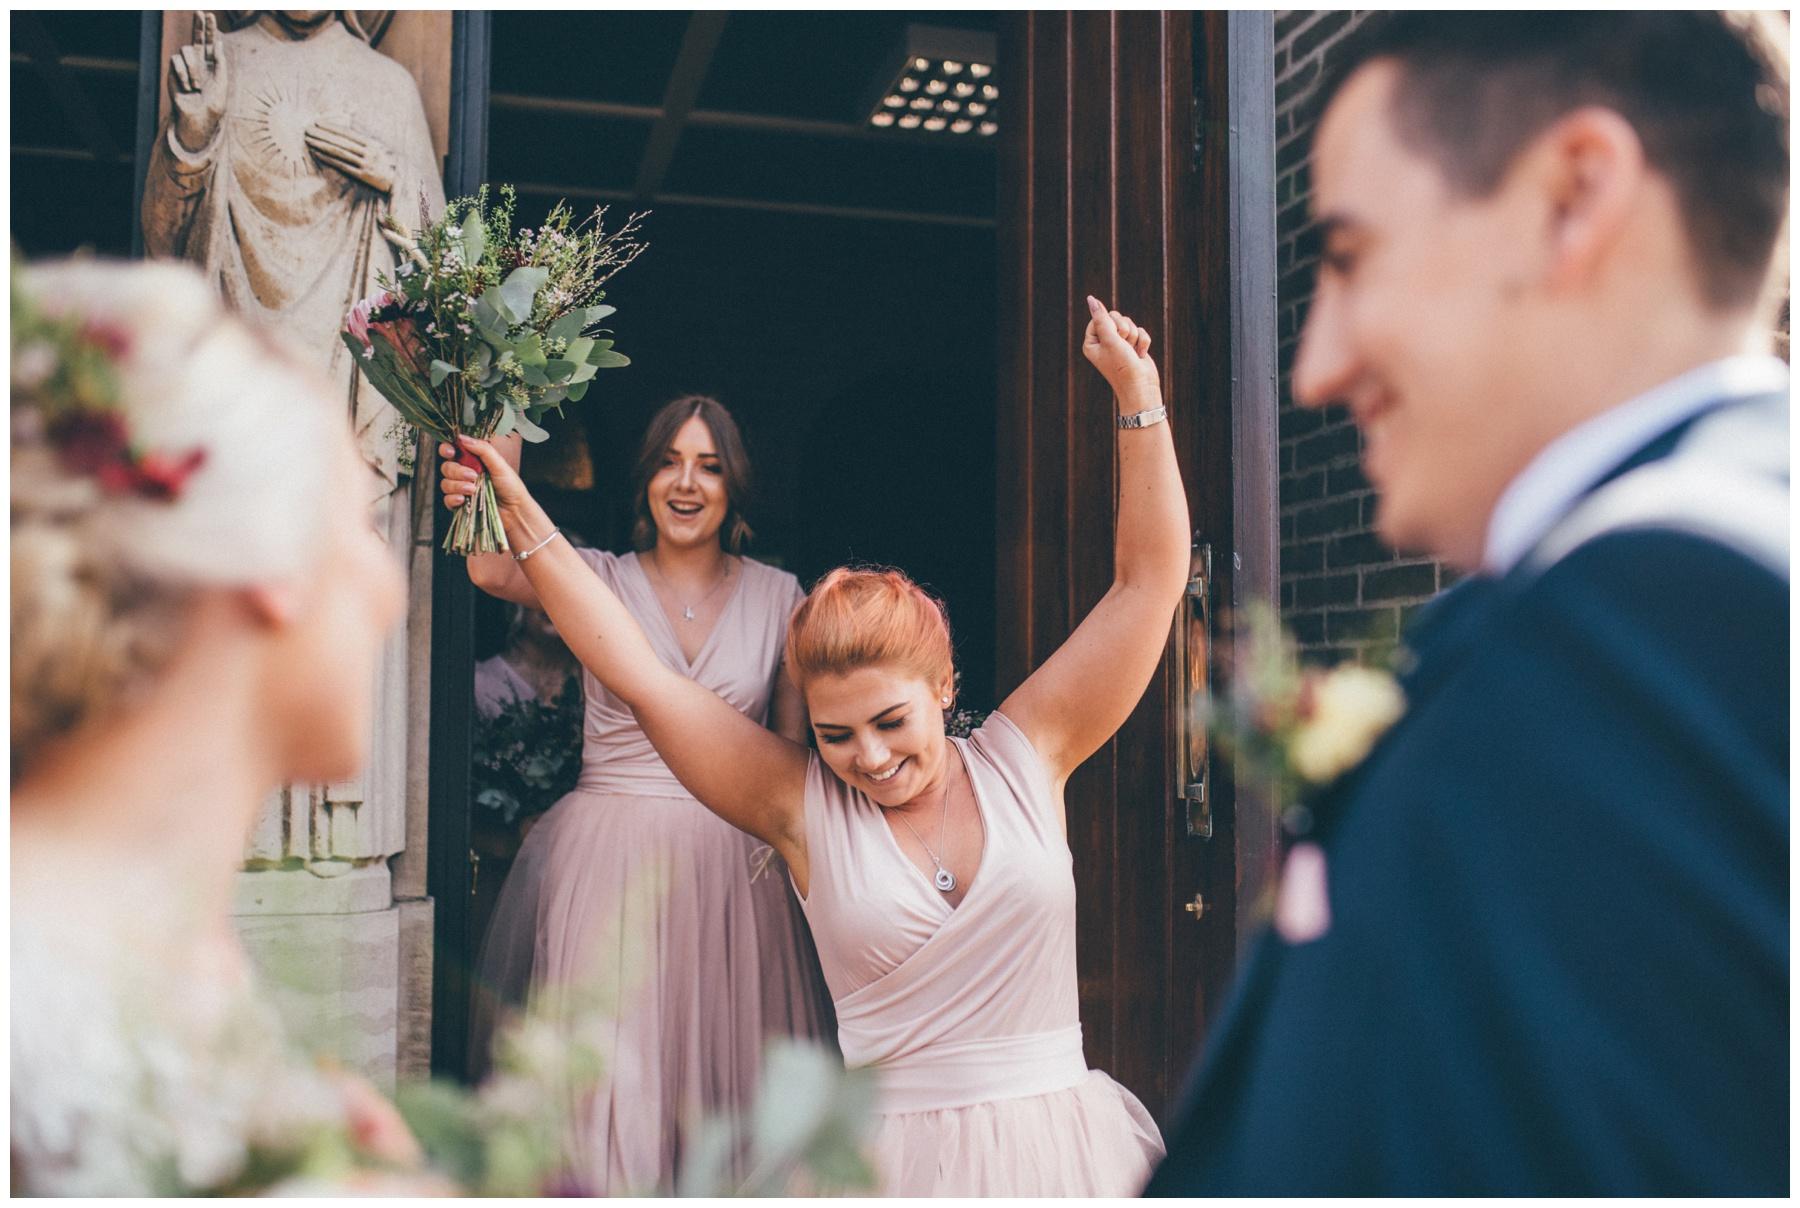 Bridesmaid celebrates the newlyweds.